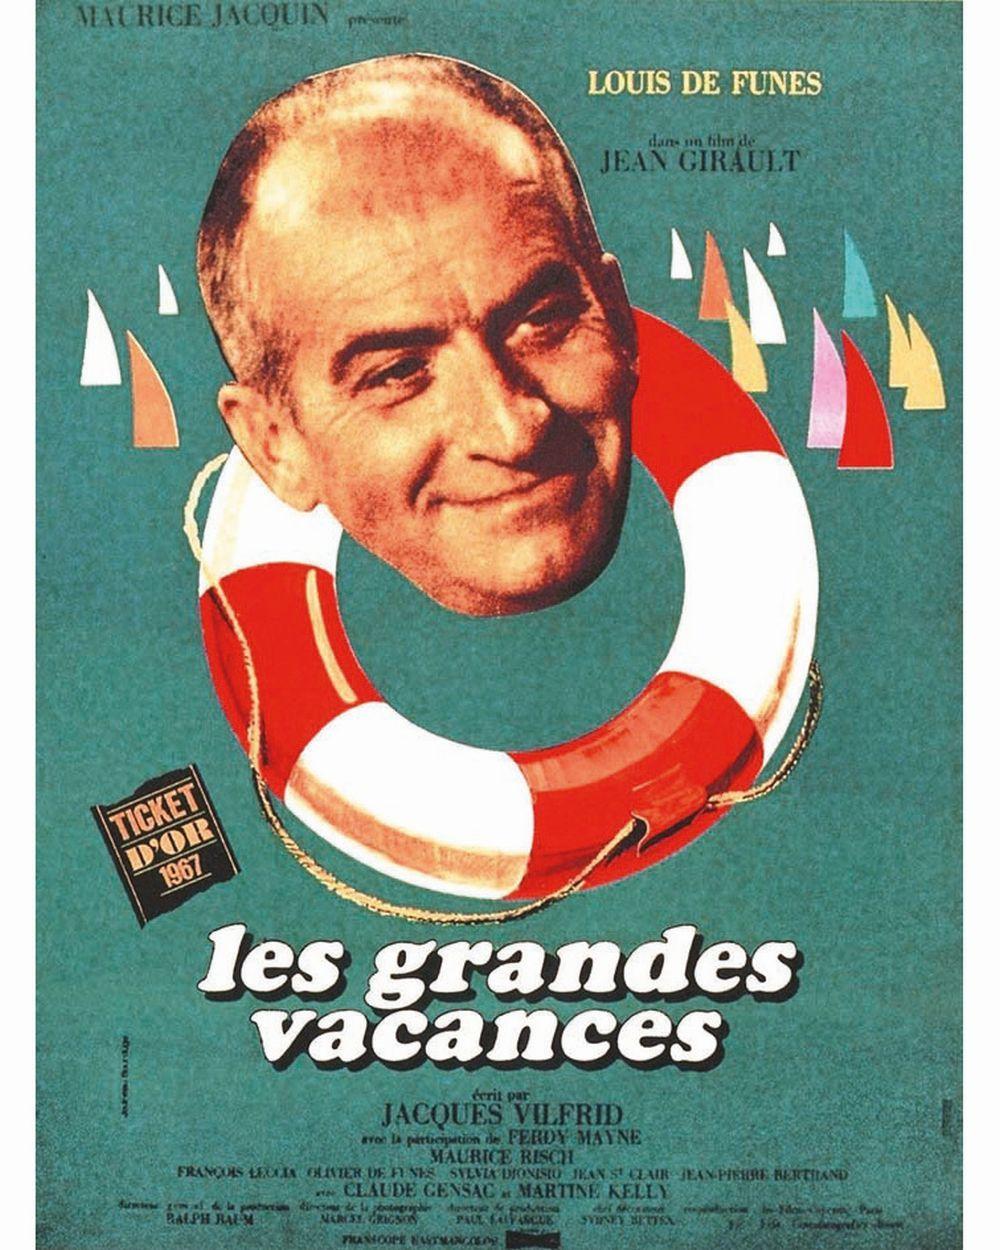 Les grandes vacances - Louis de Funès -